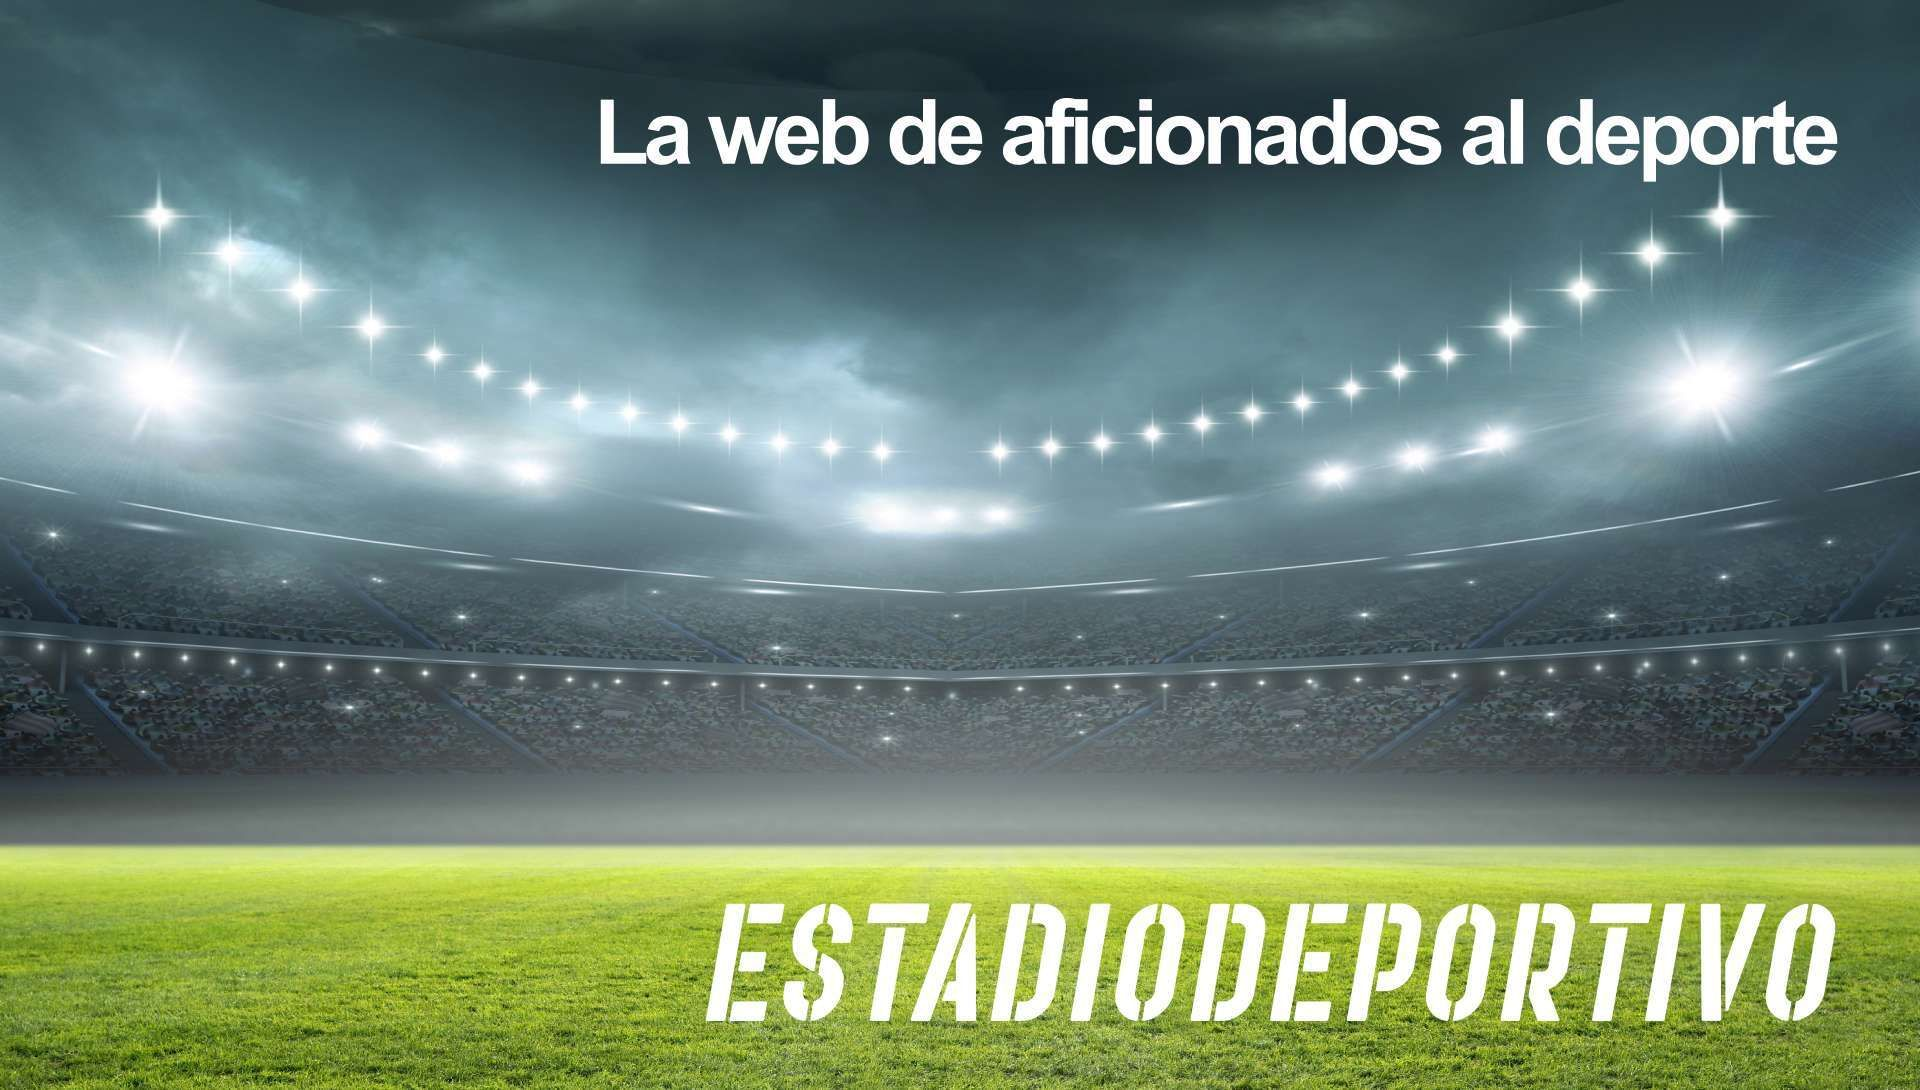 Las portadas de la prensa del jueves 17 de junio